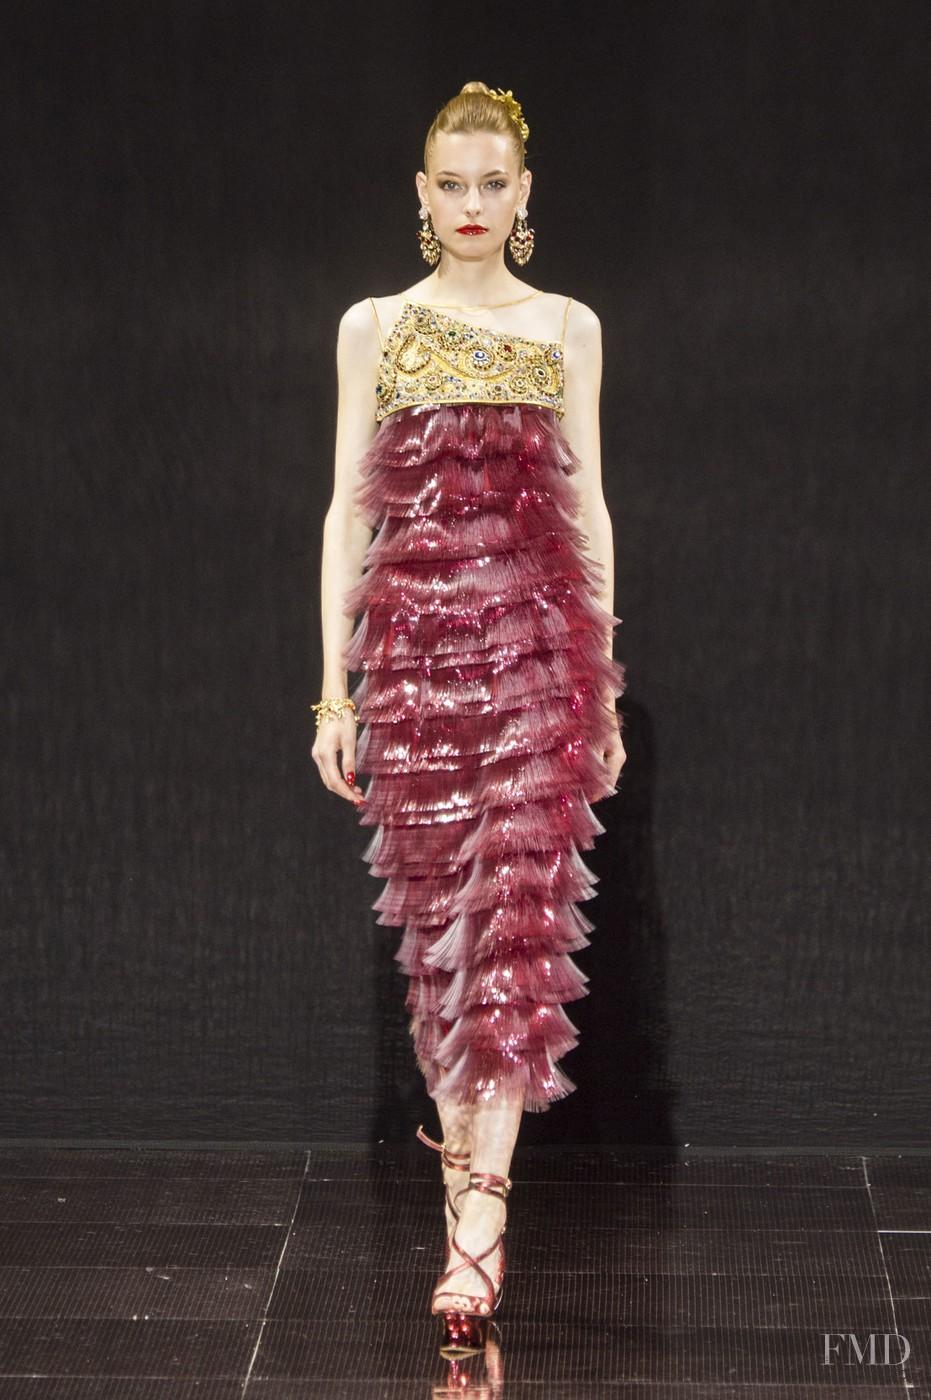 Pitoy moreno fashion show 8